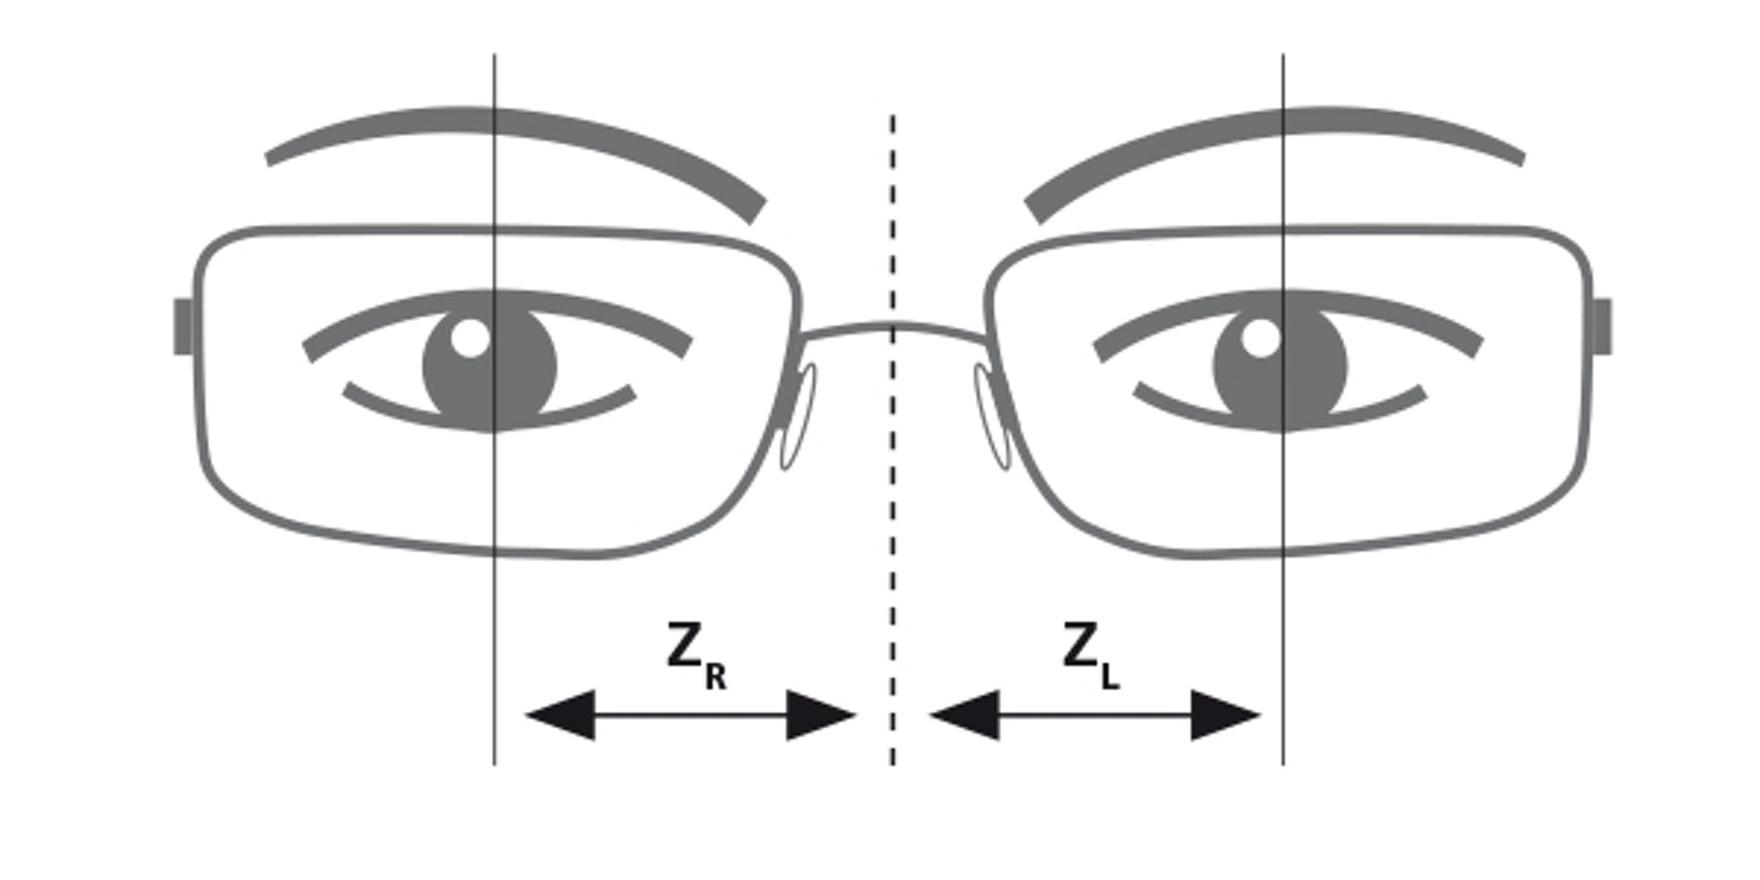 zeiss-iterminal-interpupillary-distance-